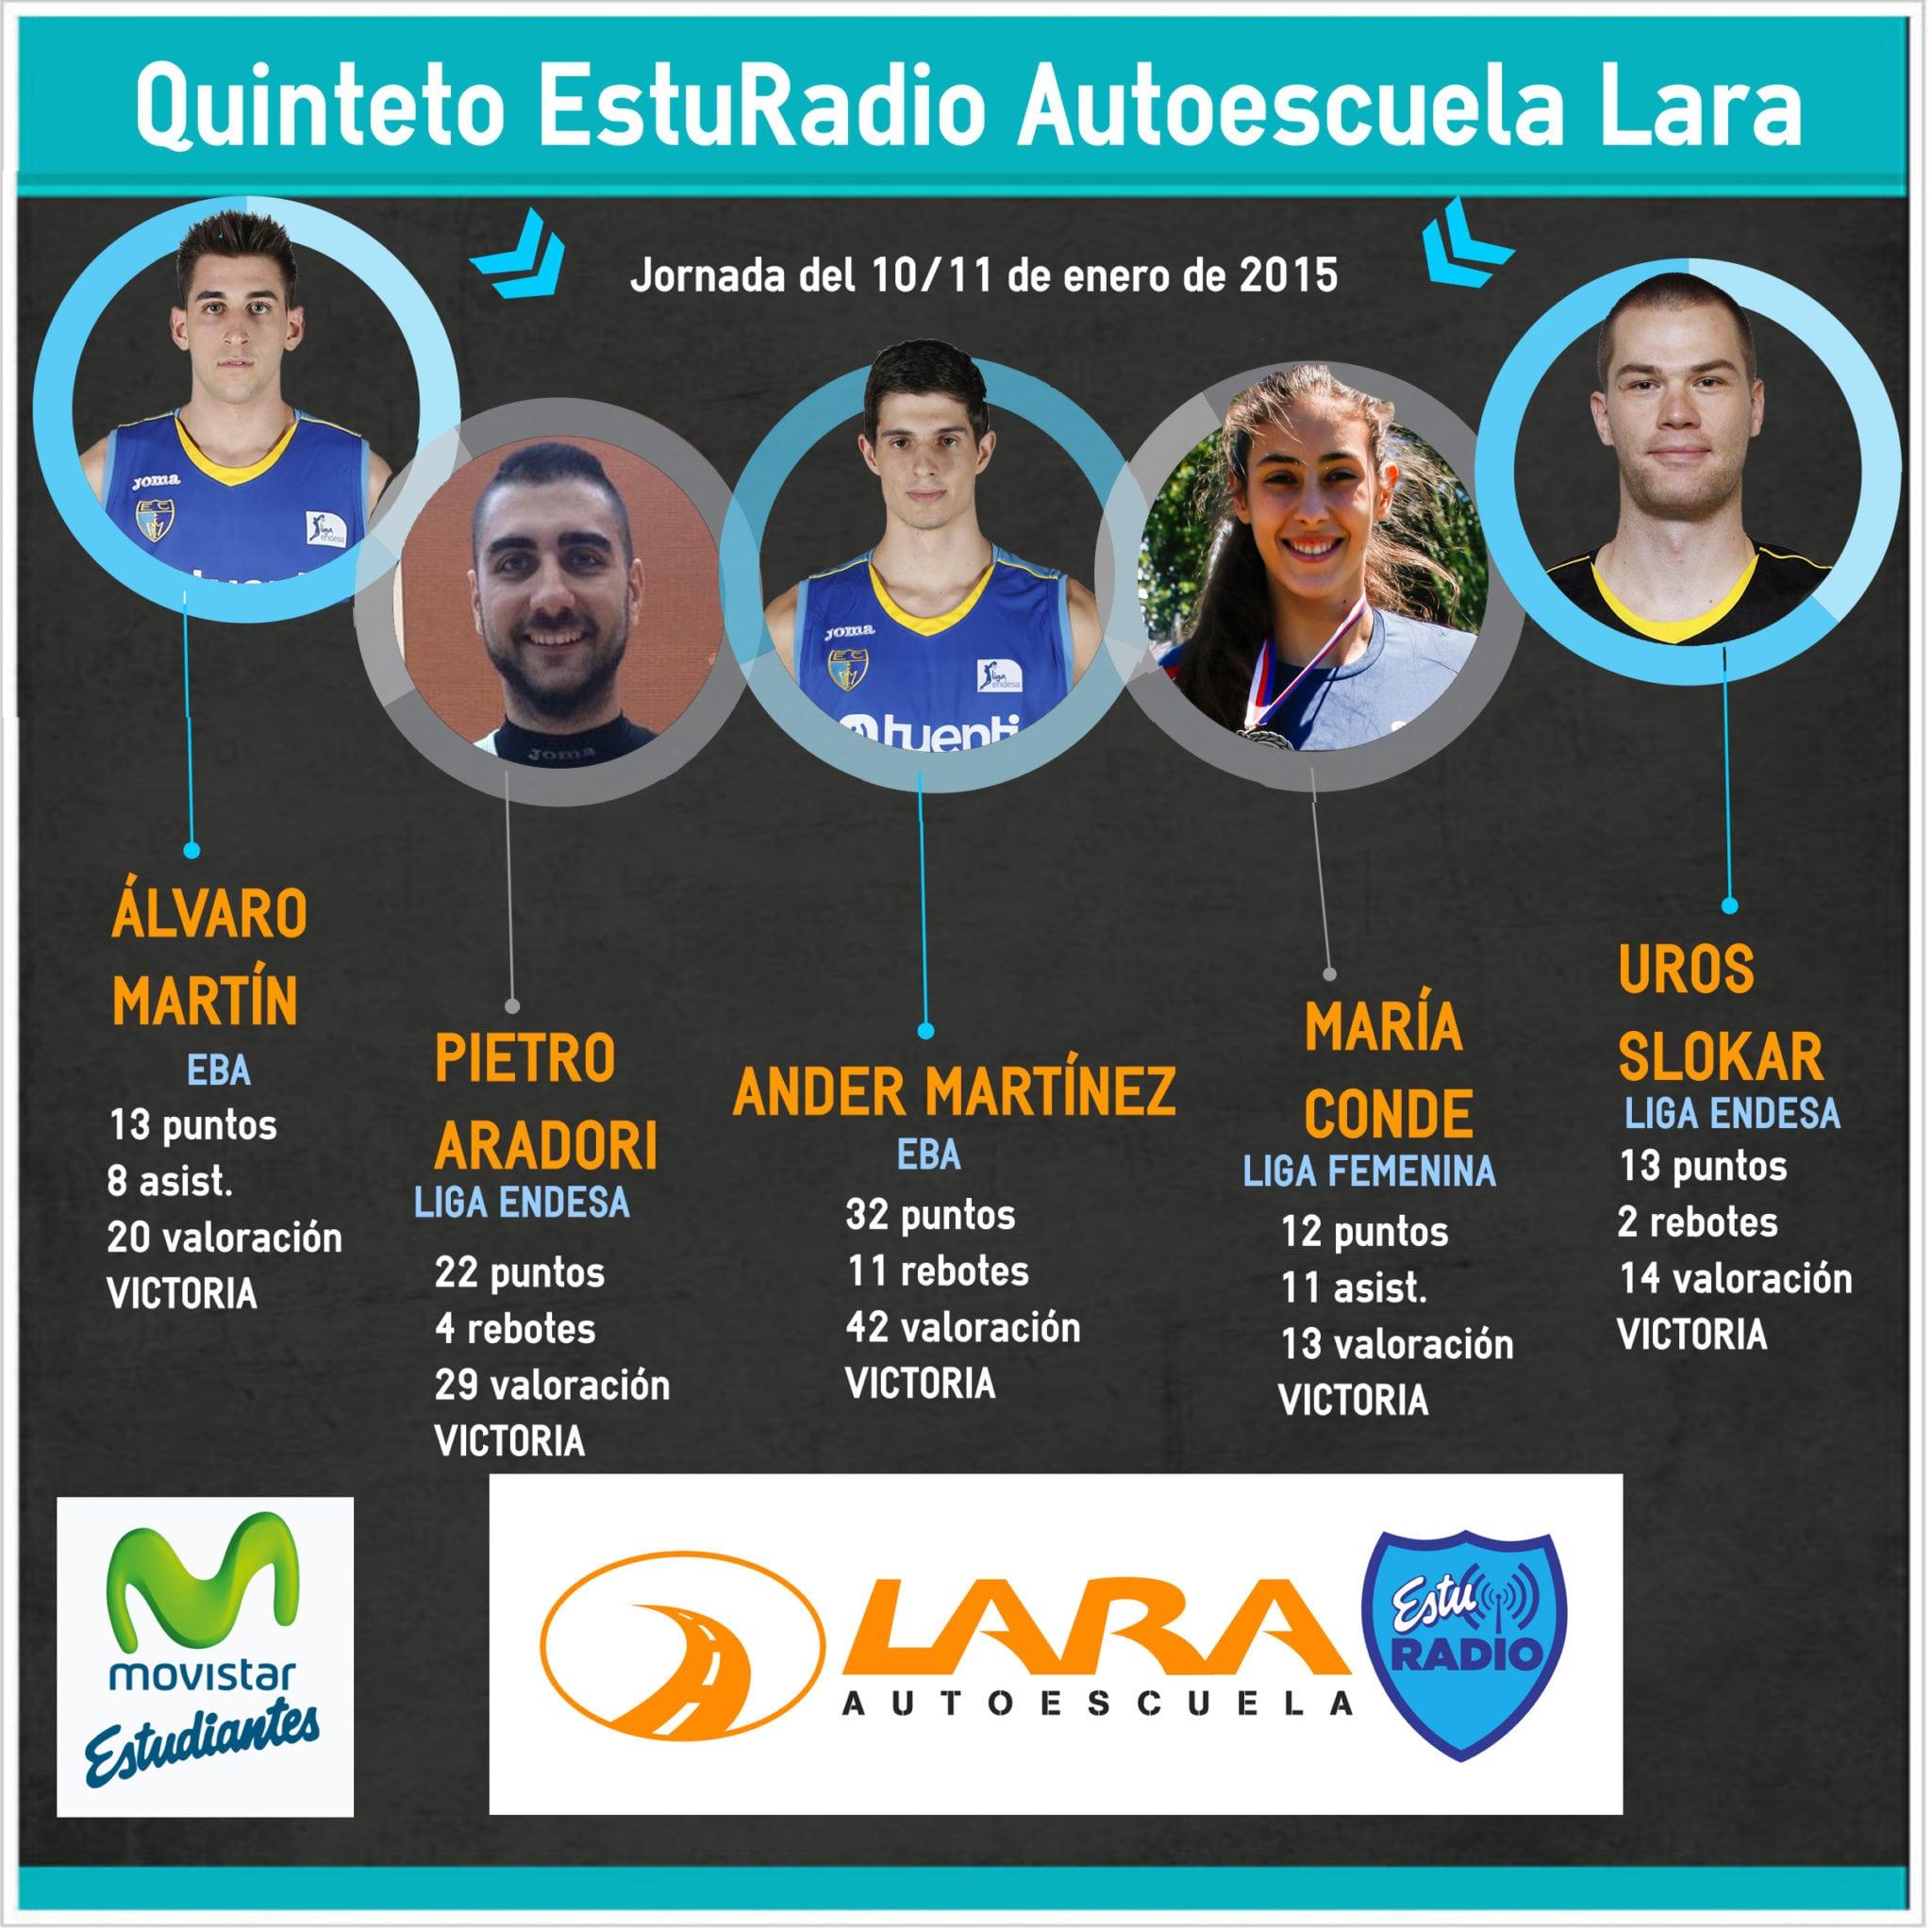 Quinteto EstuRadio Autoescuela Lara: Álvaro Martín, Pietro Aradori, Ander Martínez, María Conde y Uros Slokar